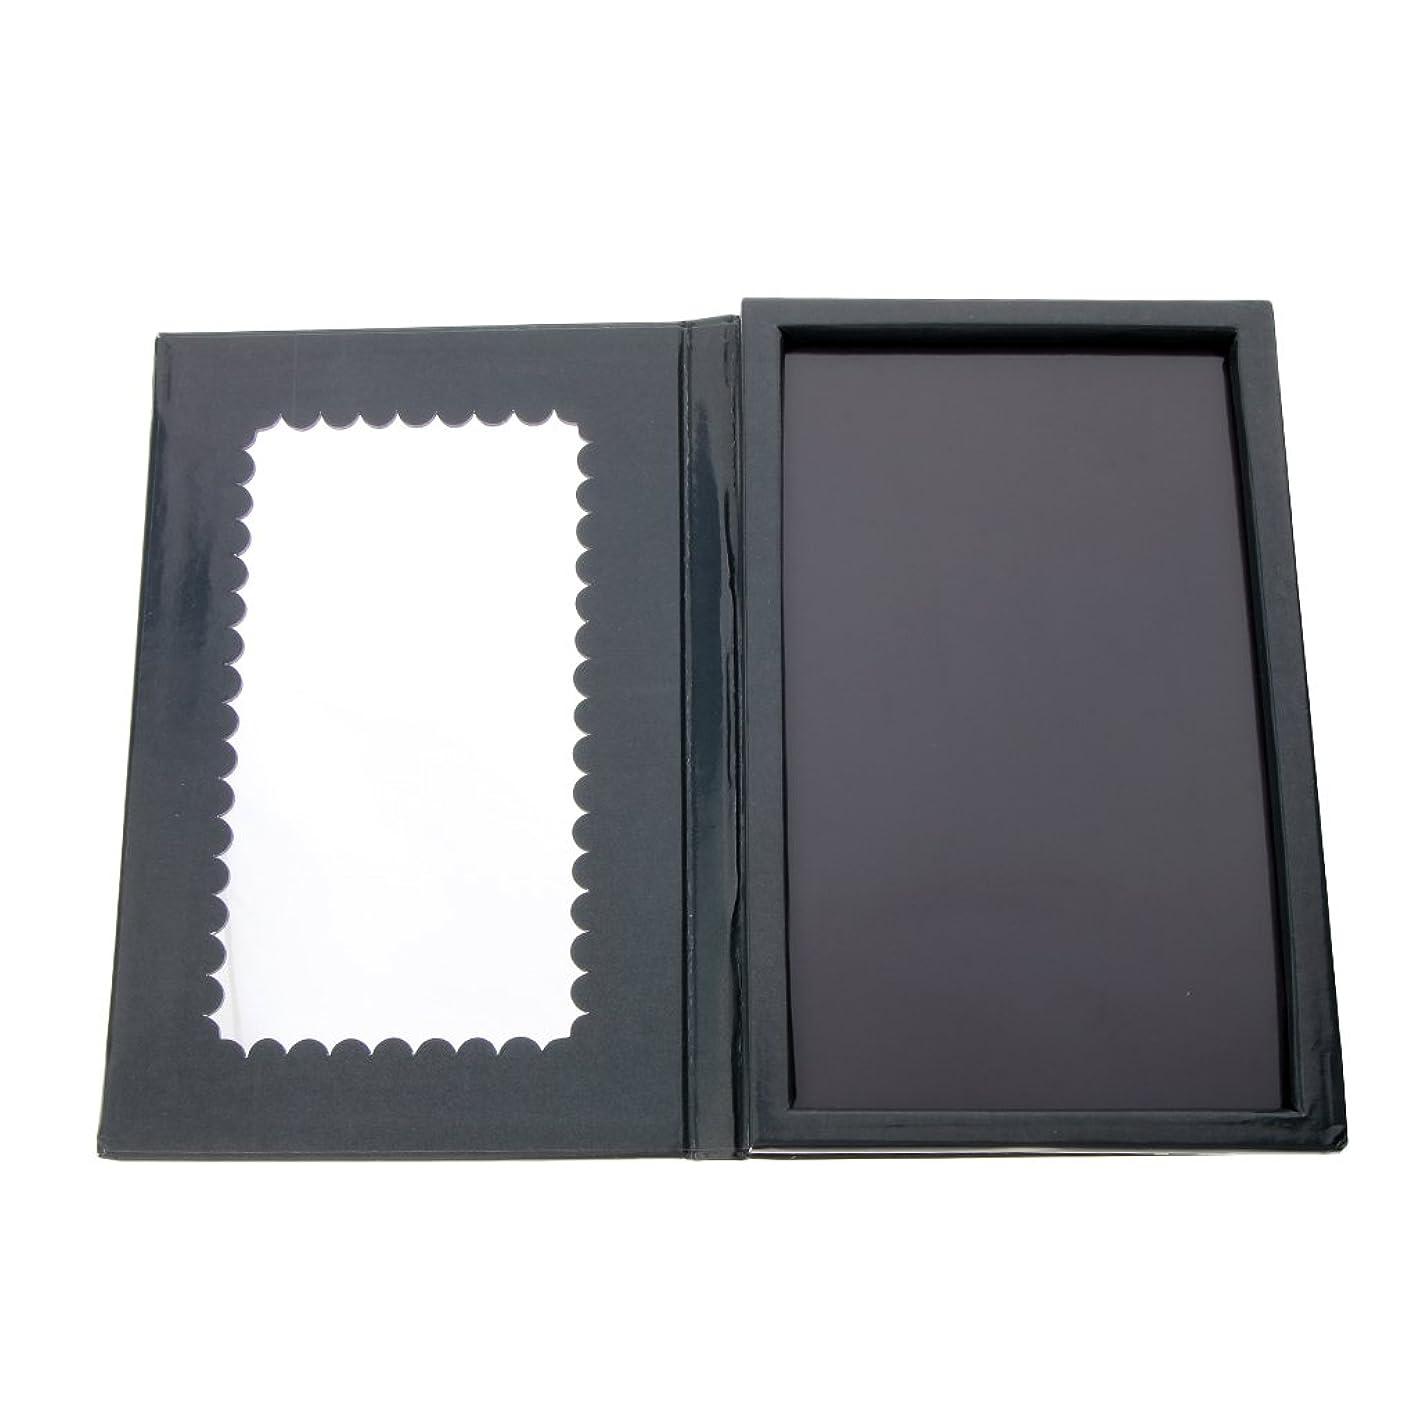 Perfeclan メイクアップ 空パレット 磁気パレット 化粧品ケース アイシャドウ パウダー 整理 保管 旅行 便利